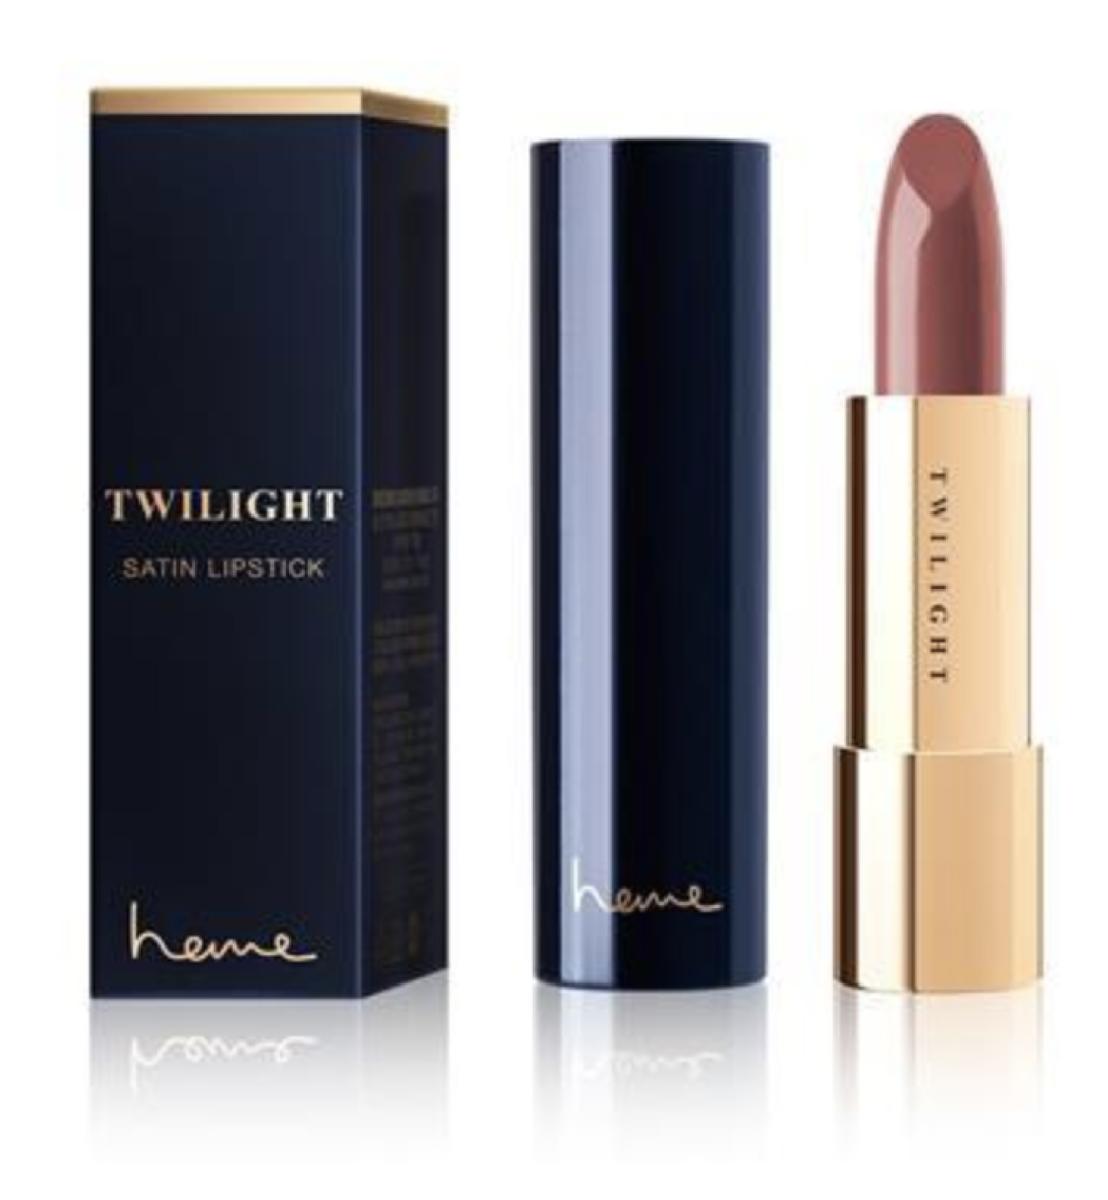 Heme Stain Lipstick 喜蜜經典緞光唇膏 ( Twilight 暮光) - 寧靜玫瑰色系 #02(4710704767081)